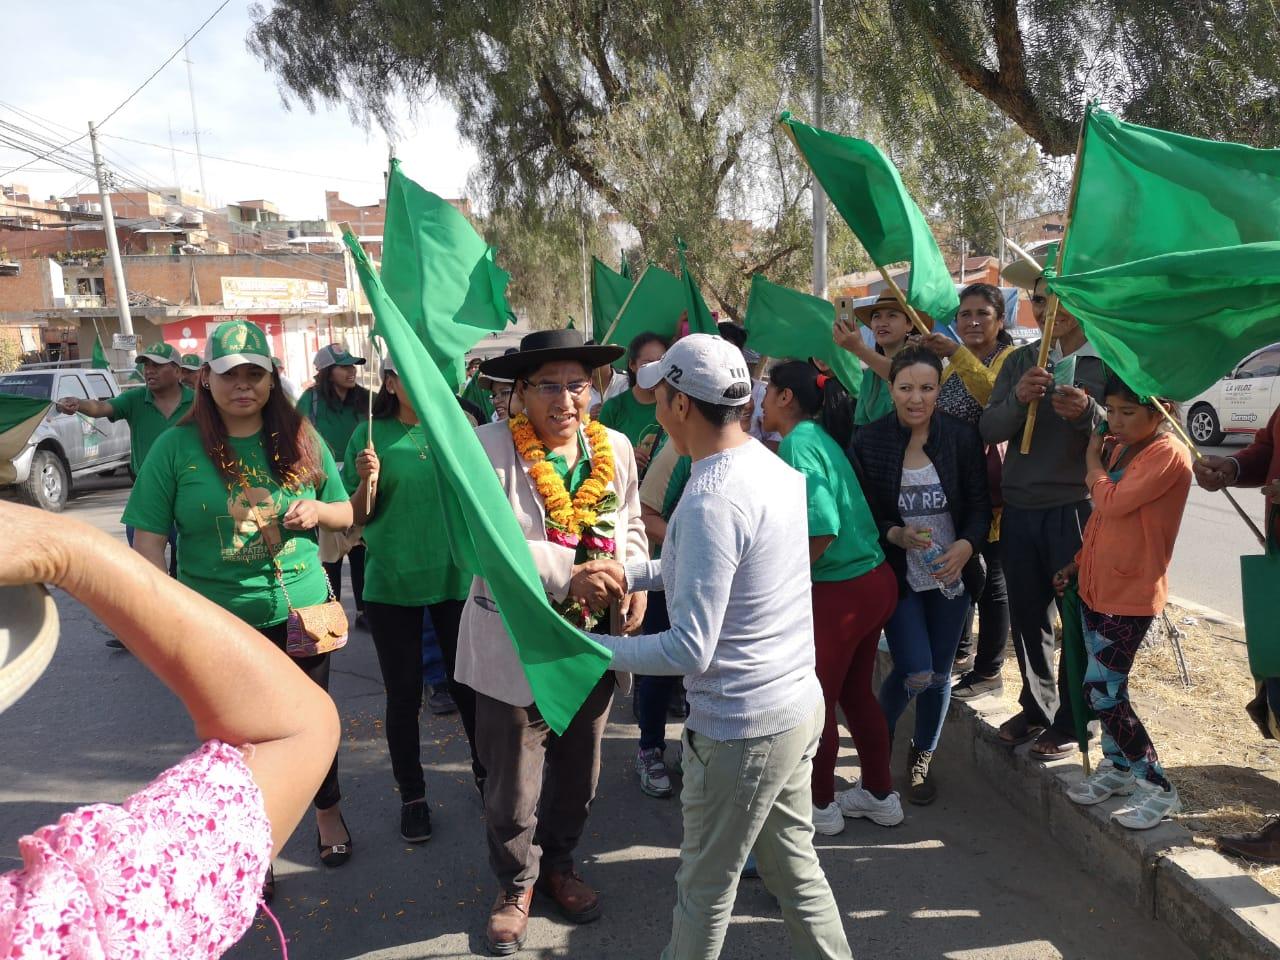 Patzi en campaña en Yacuiba el fin de semana / PRENSA MTS